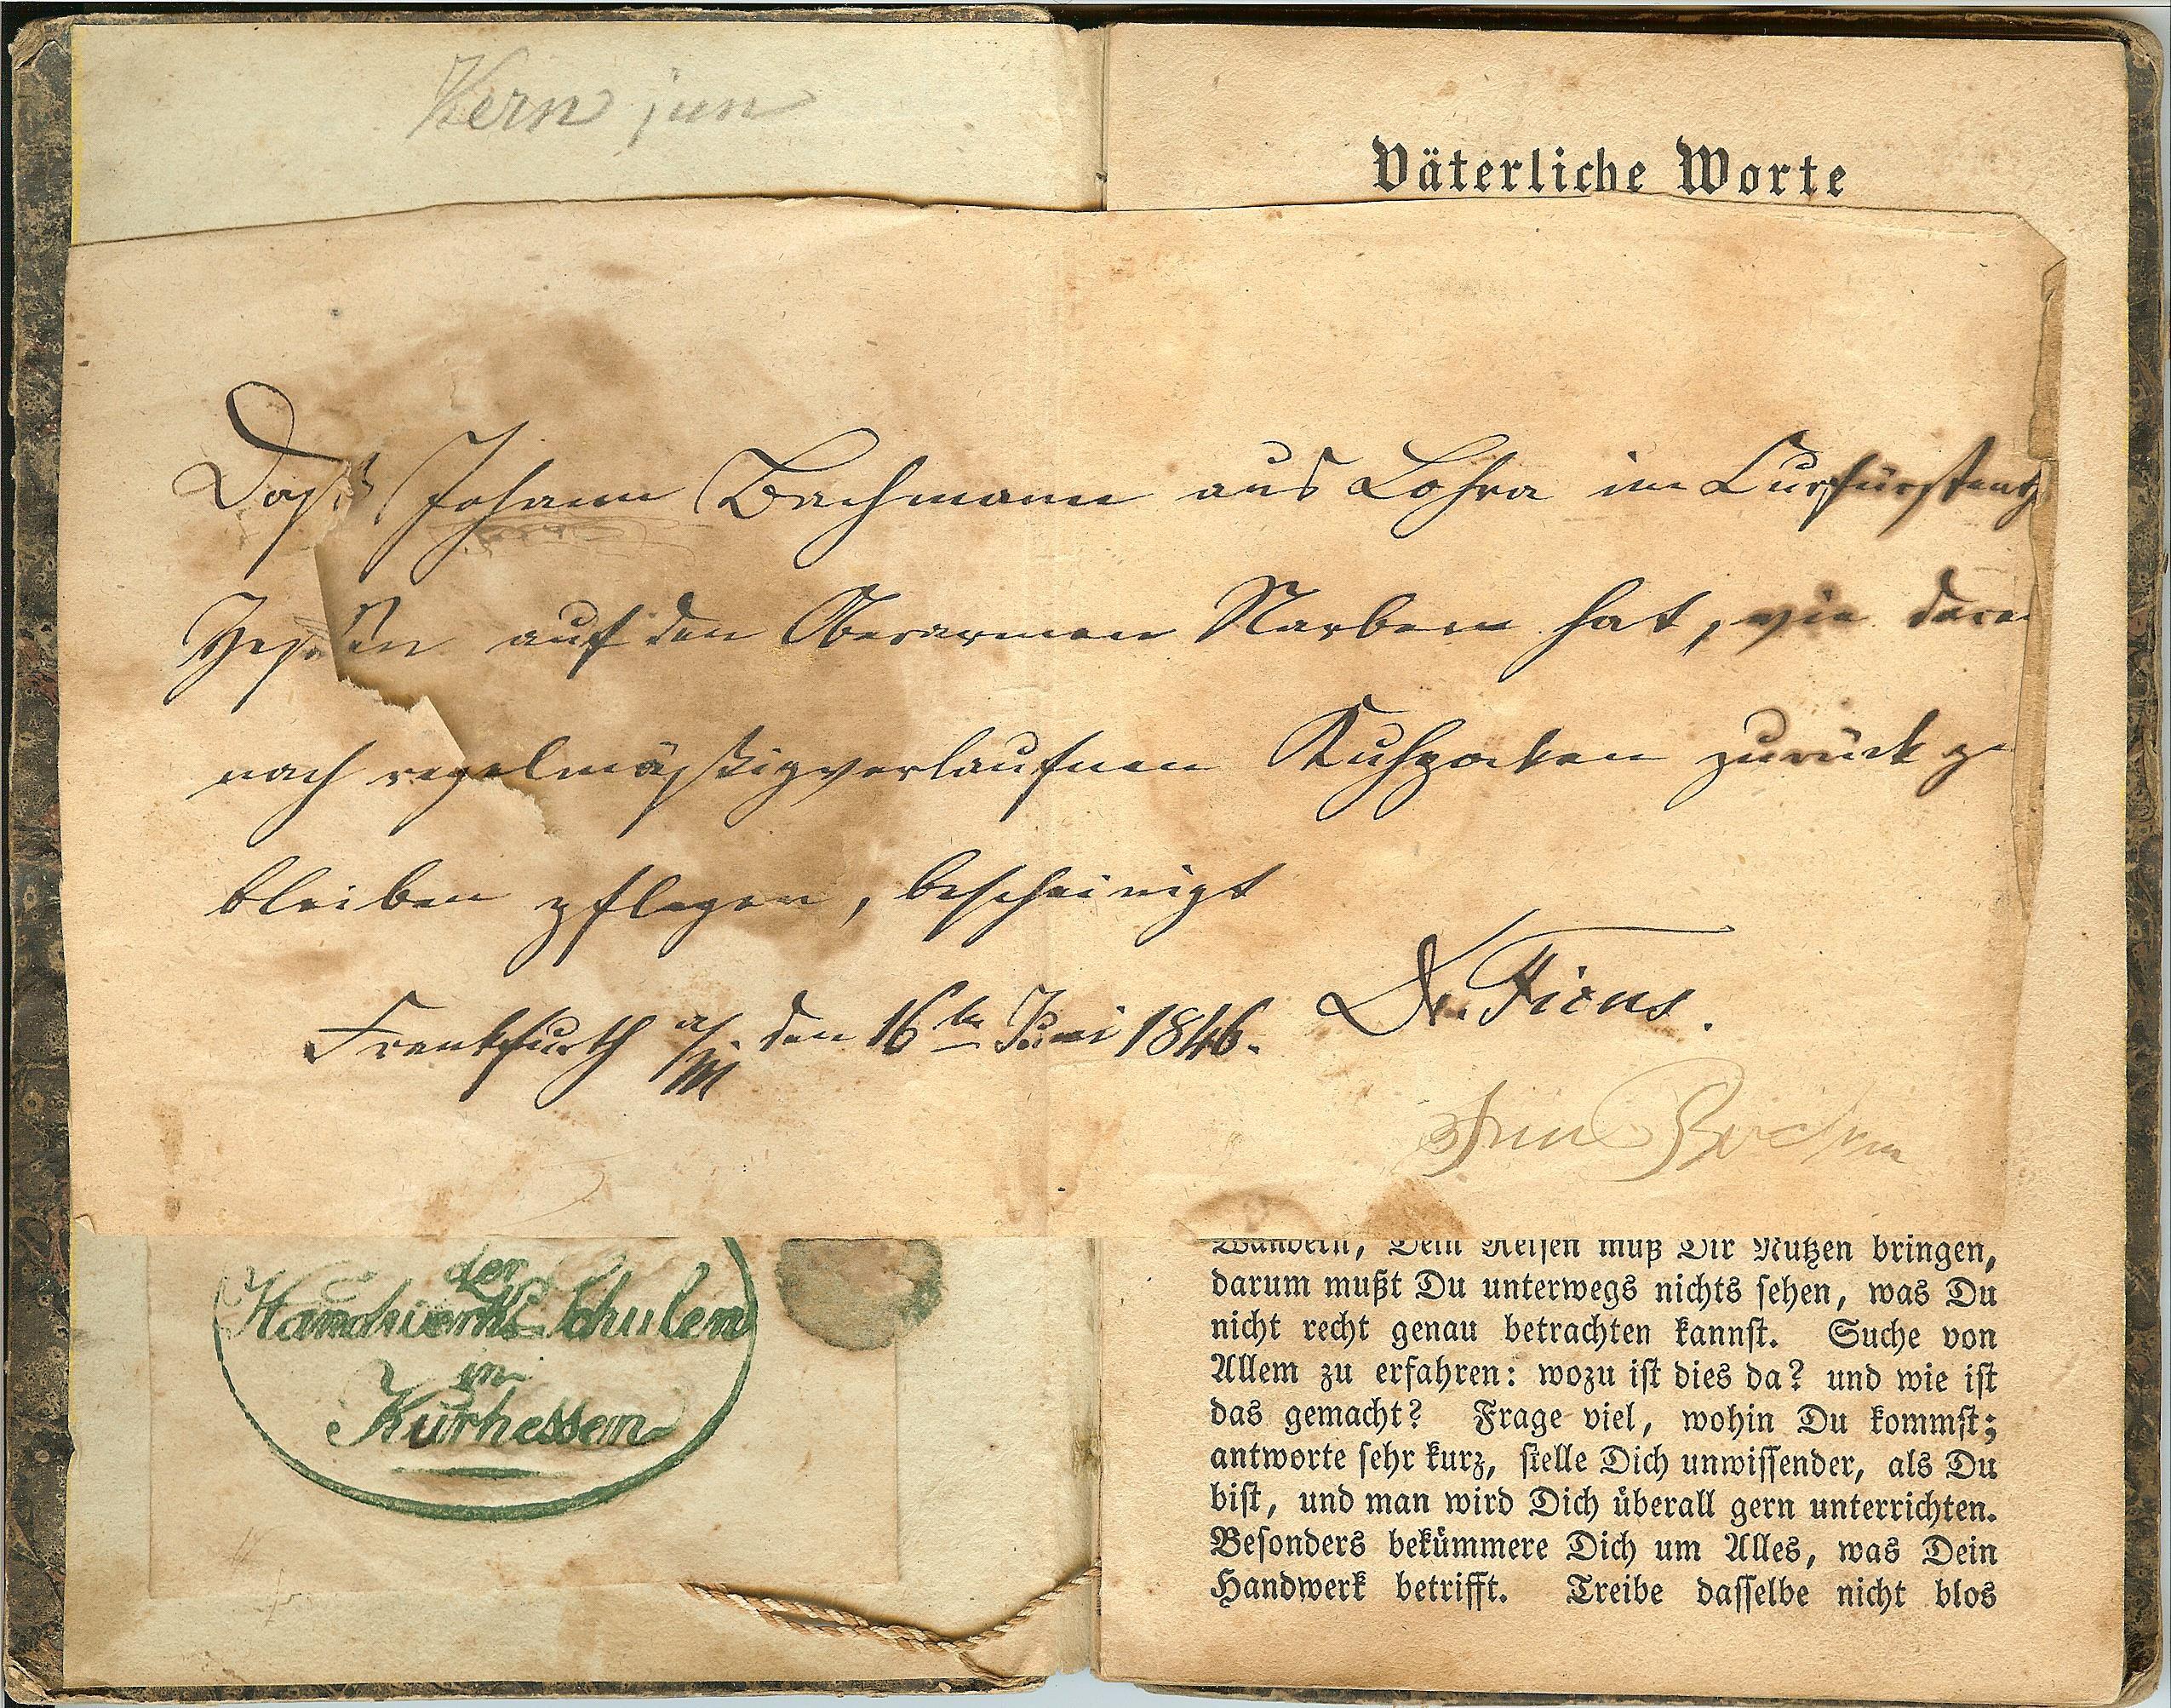 Wanderbuch des Schneidergesellen Johannes Bachmann aus Lohra; Bachmann emigrierte 1852 in die USA; das Wanderbuch ist im Familienbesitz in den USA